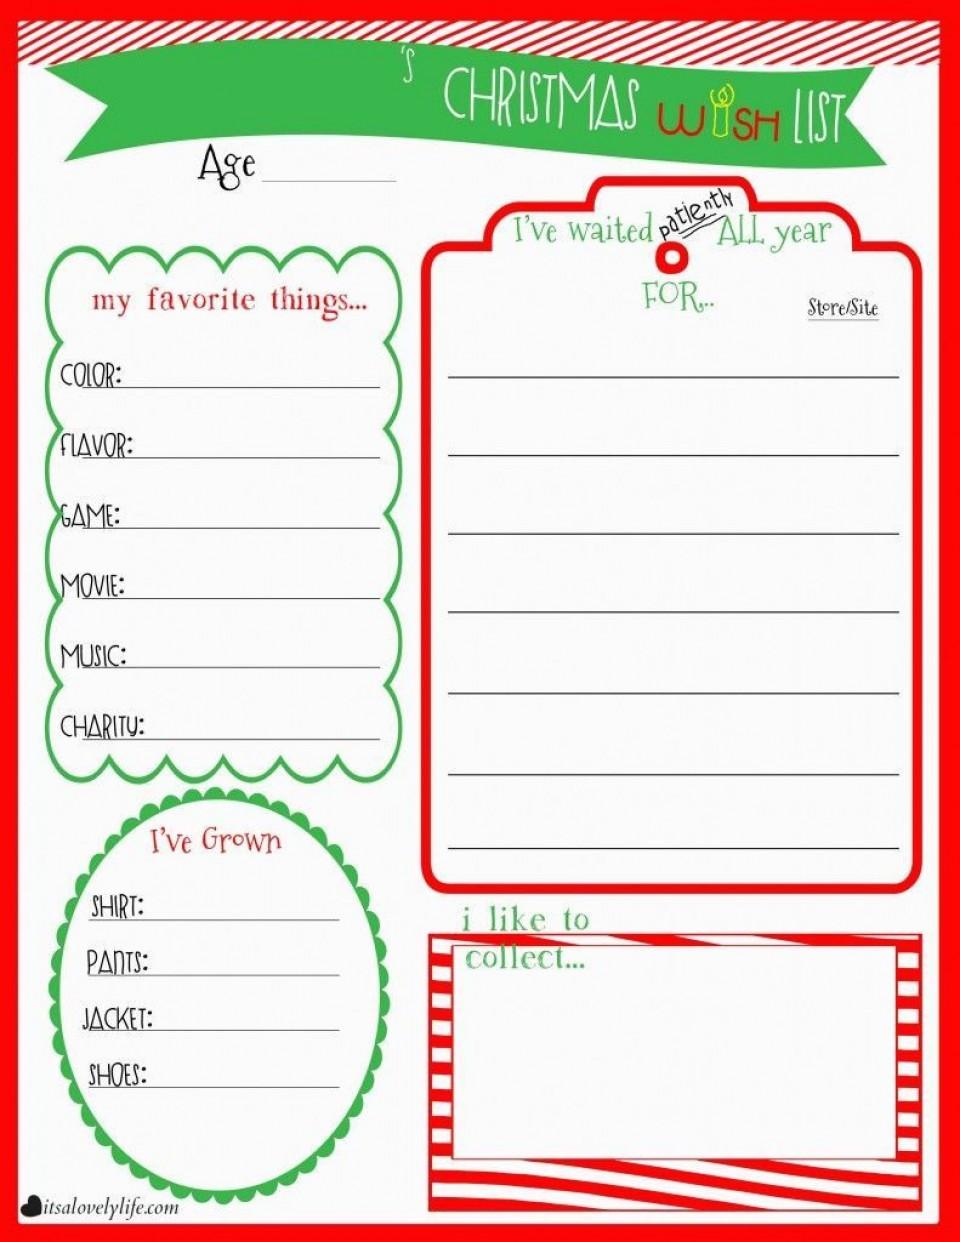 004 Unusual Printable Wish List Template Photo  Santa Free Secret960